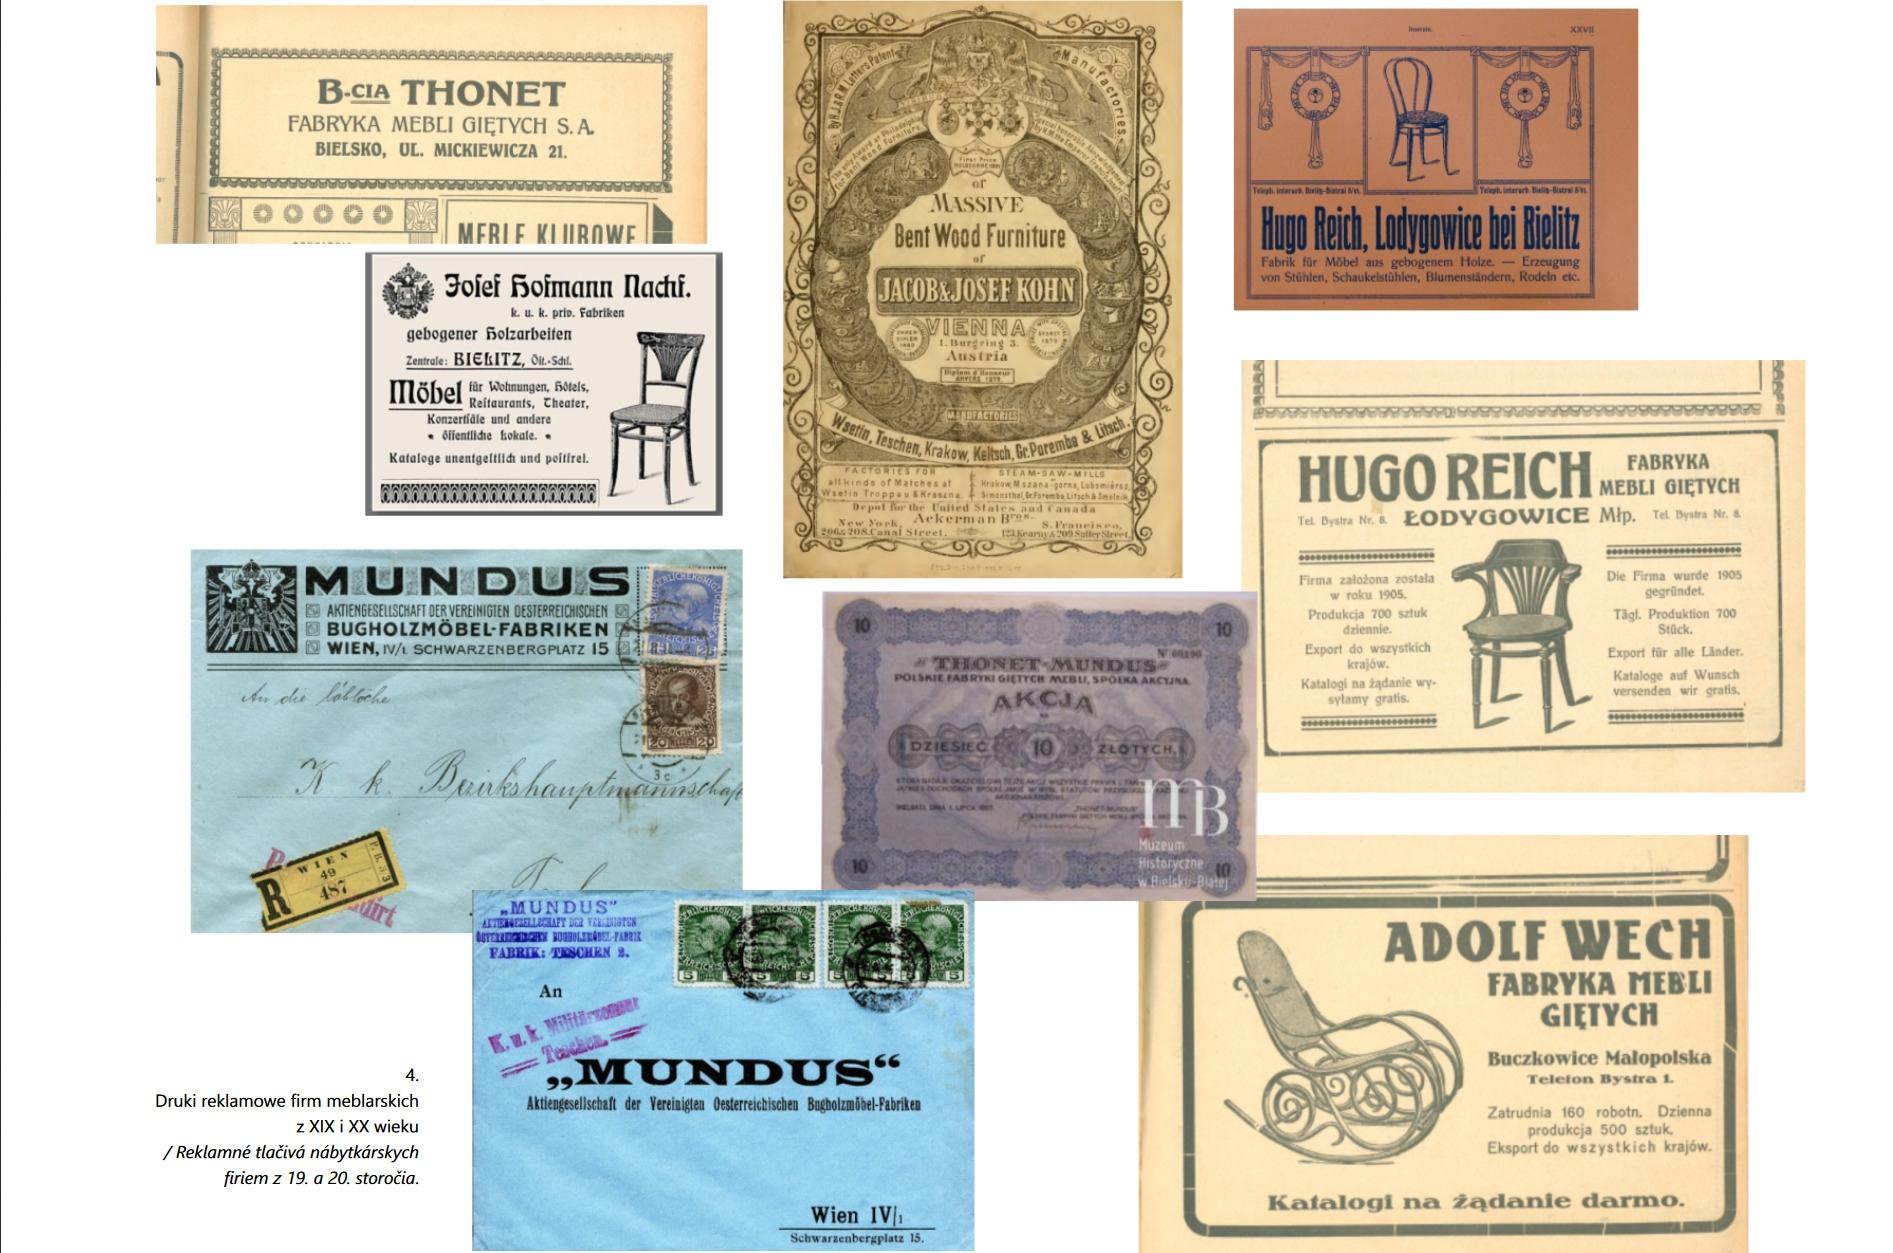 Druki reklamowe firm meblarskich z XIX i XX wieku